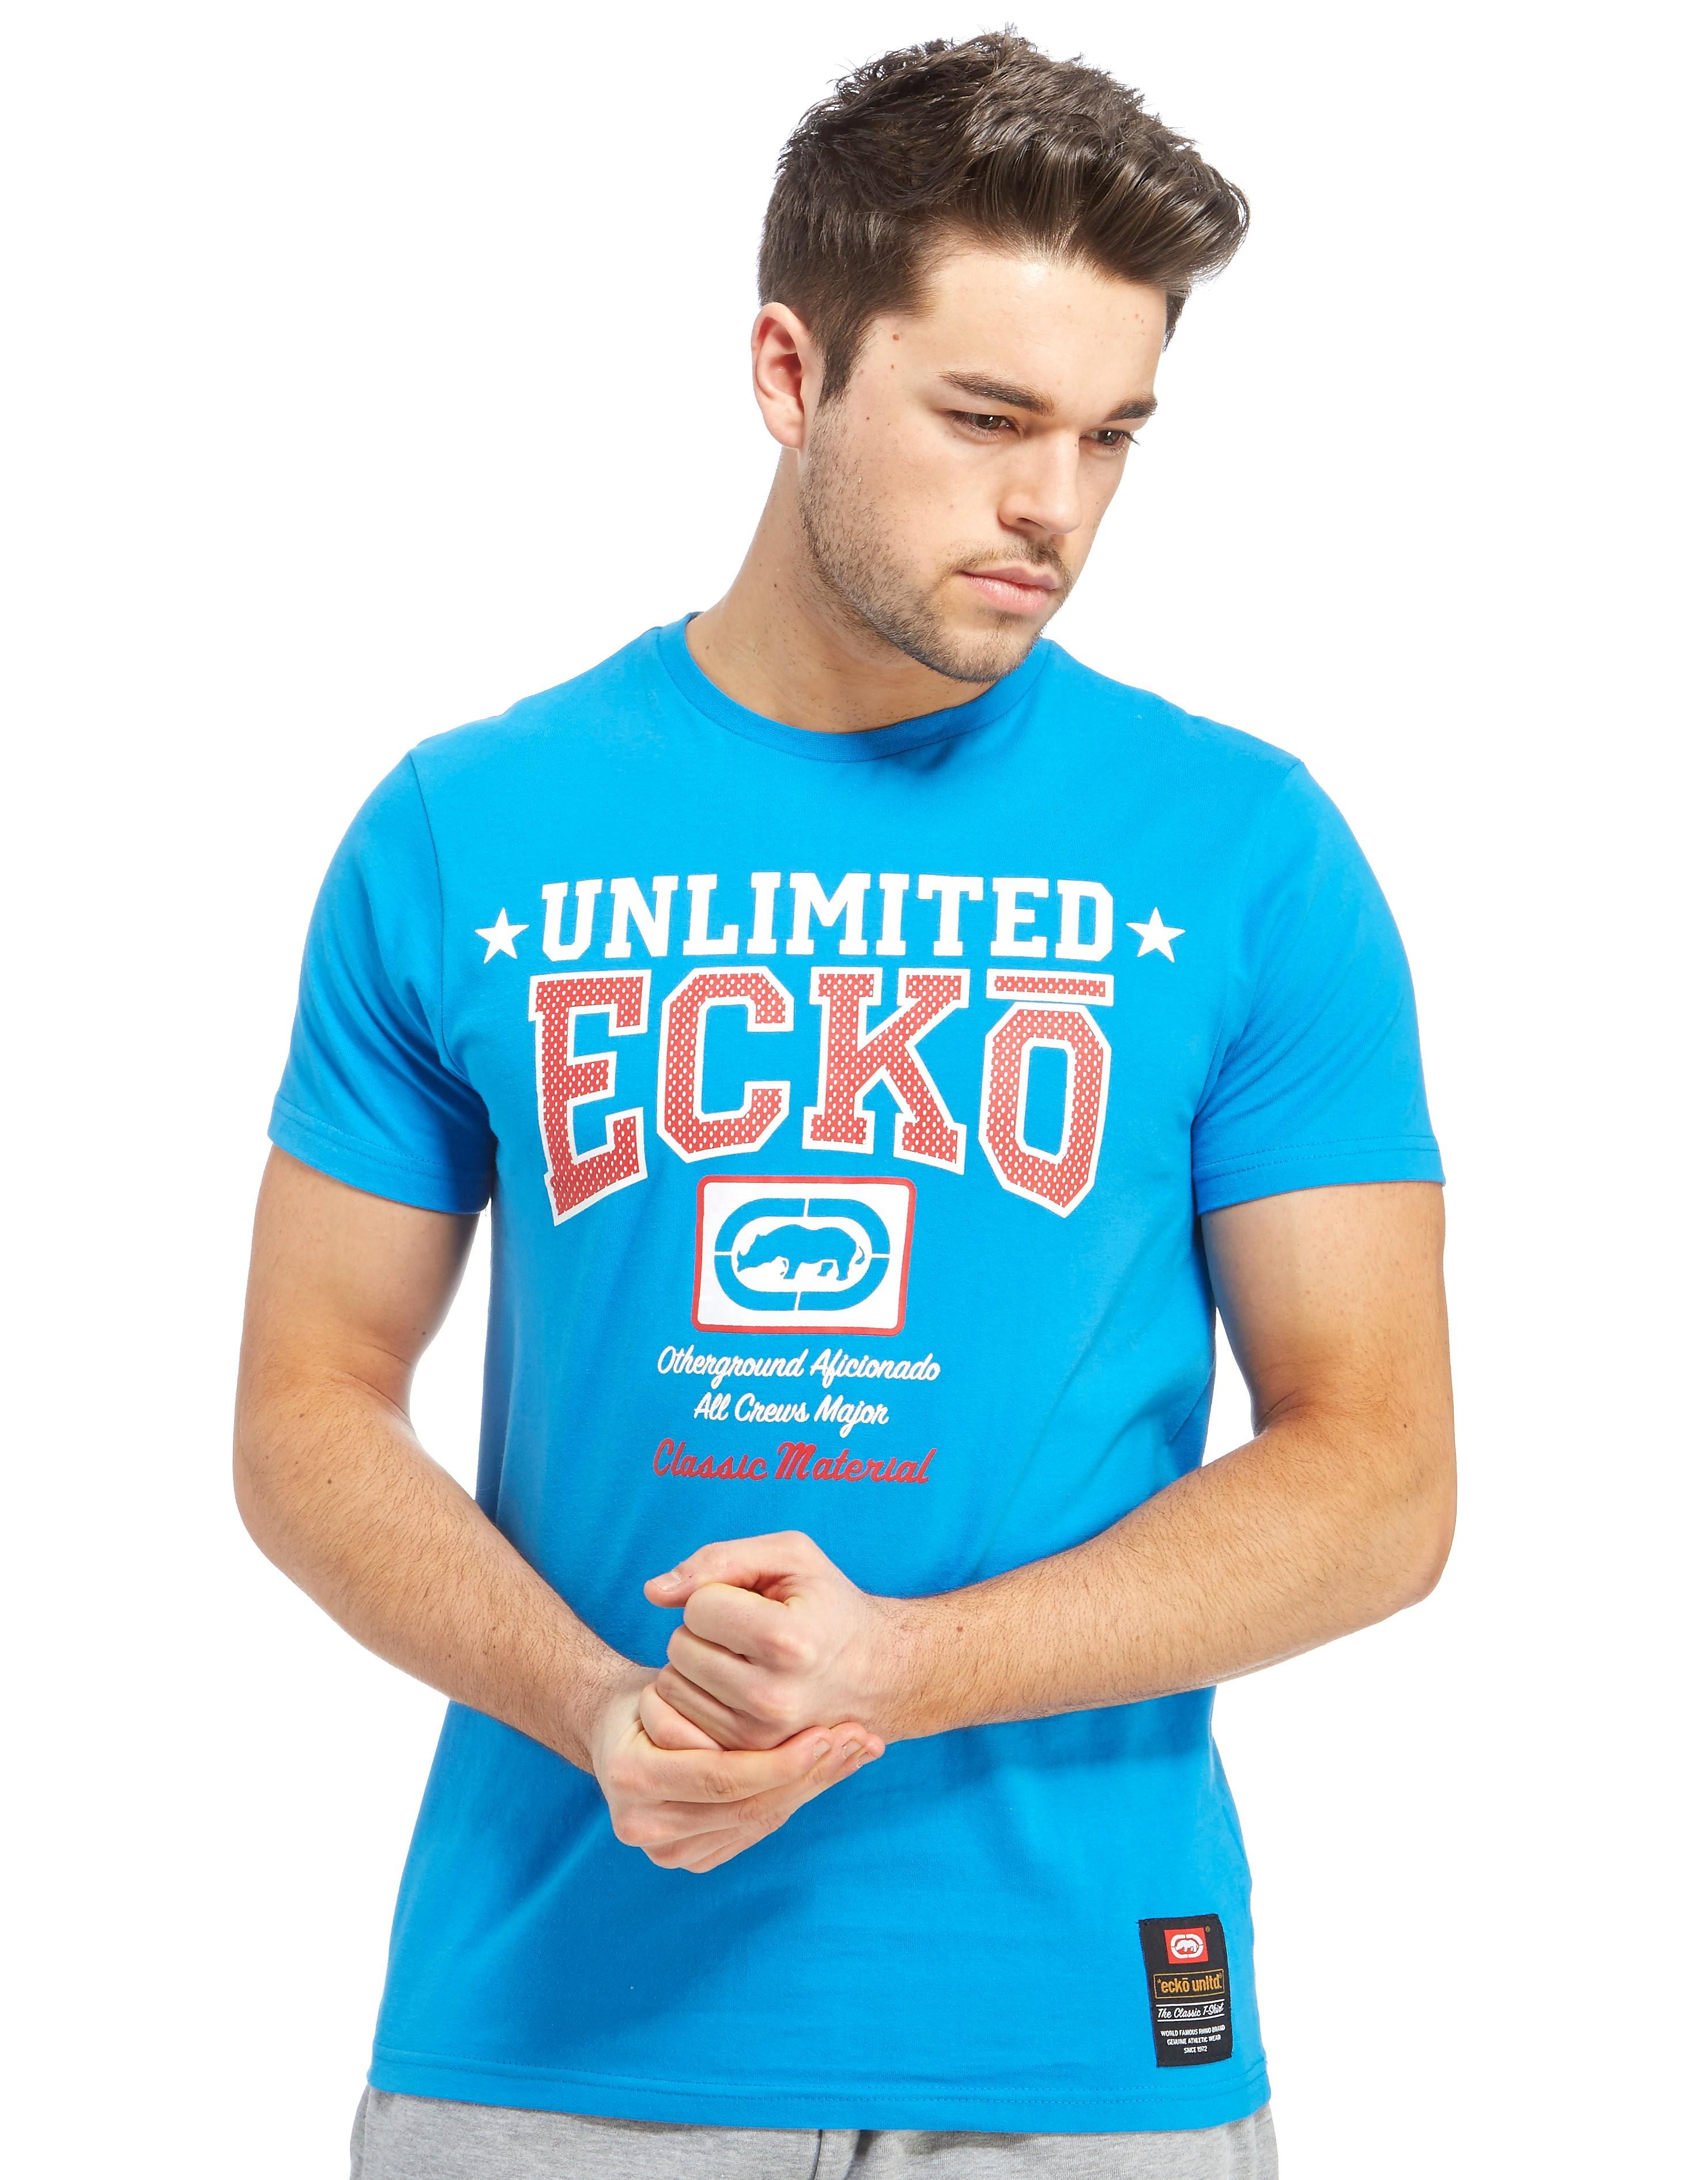 Ecko Defcon Unlimited